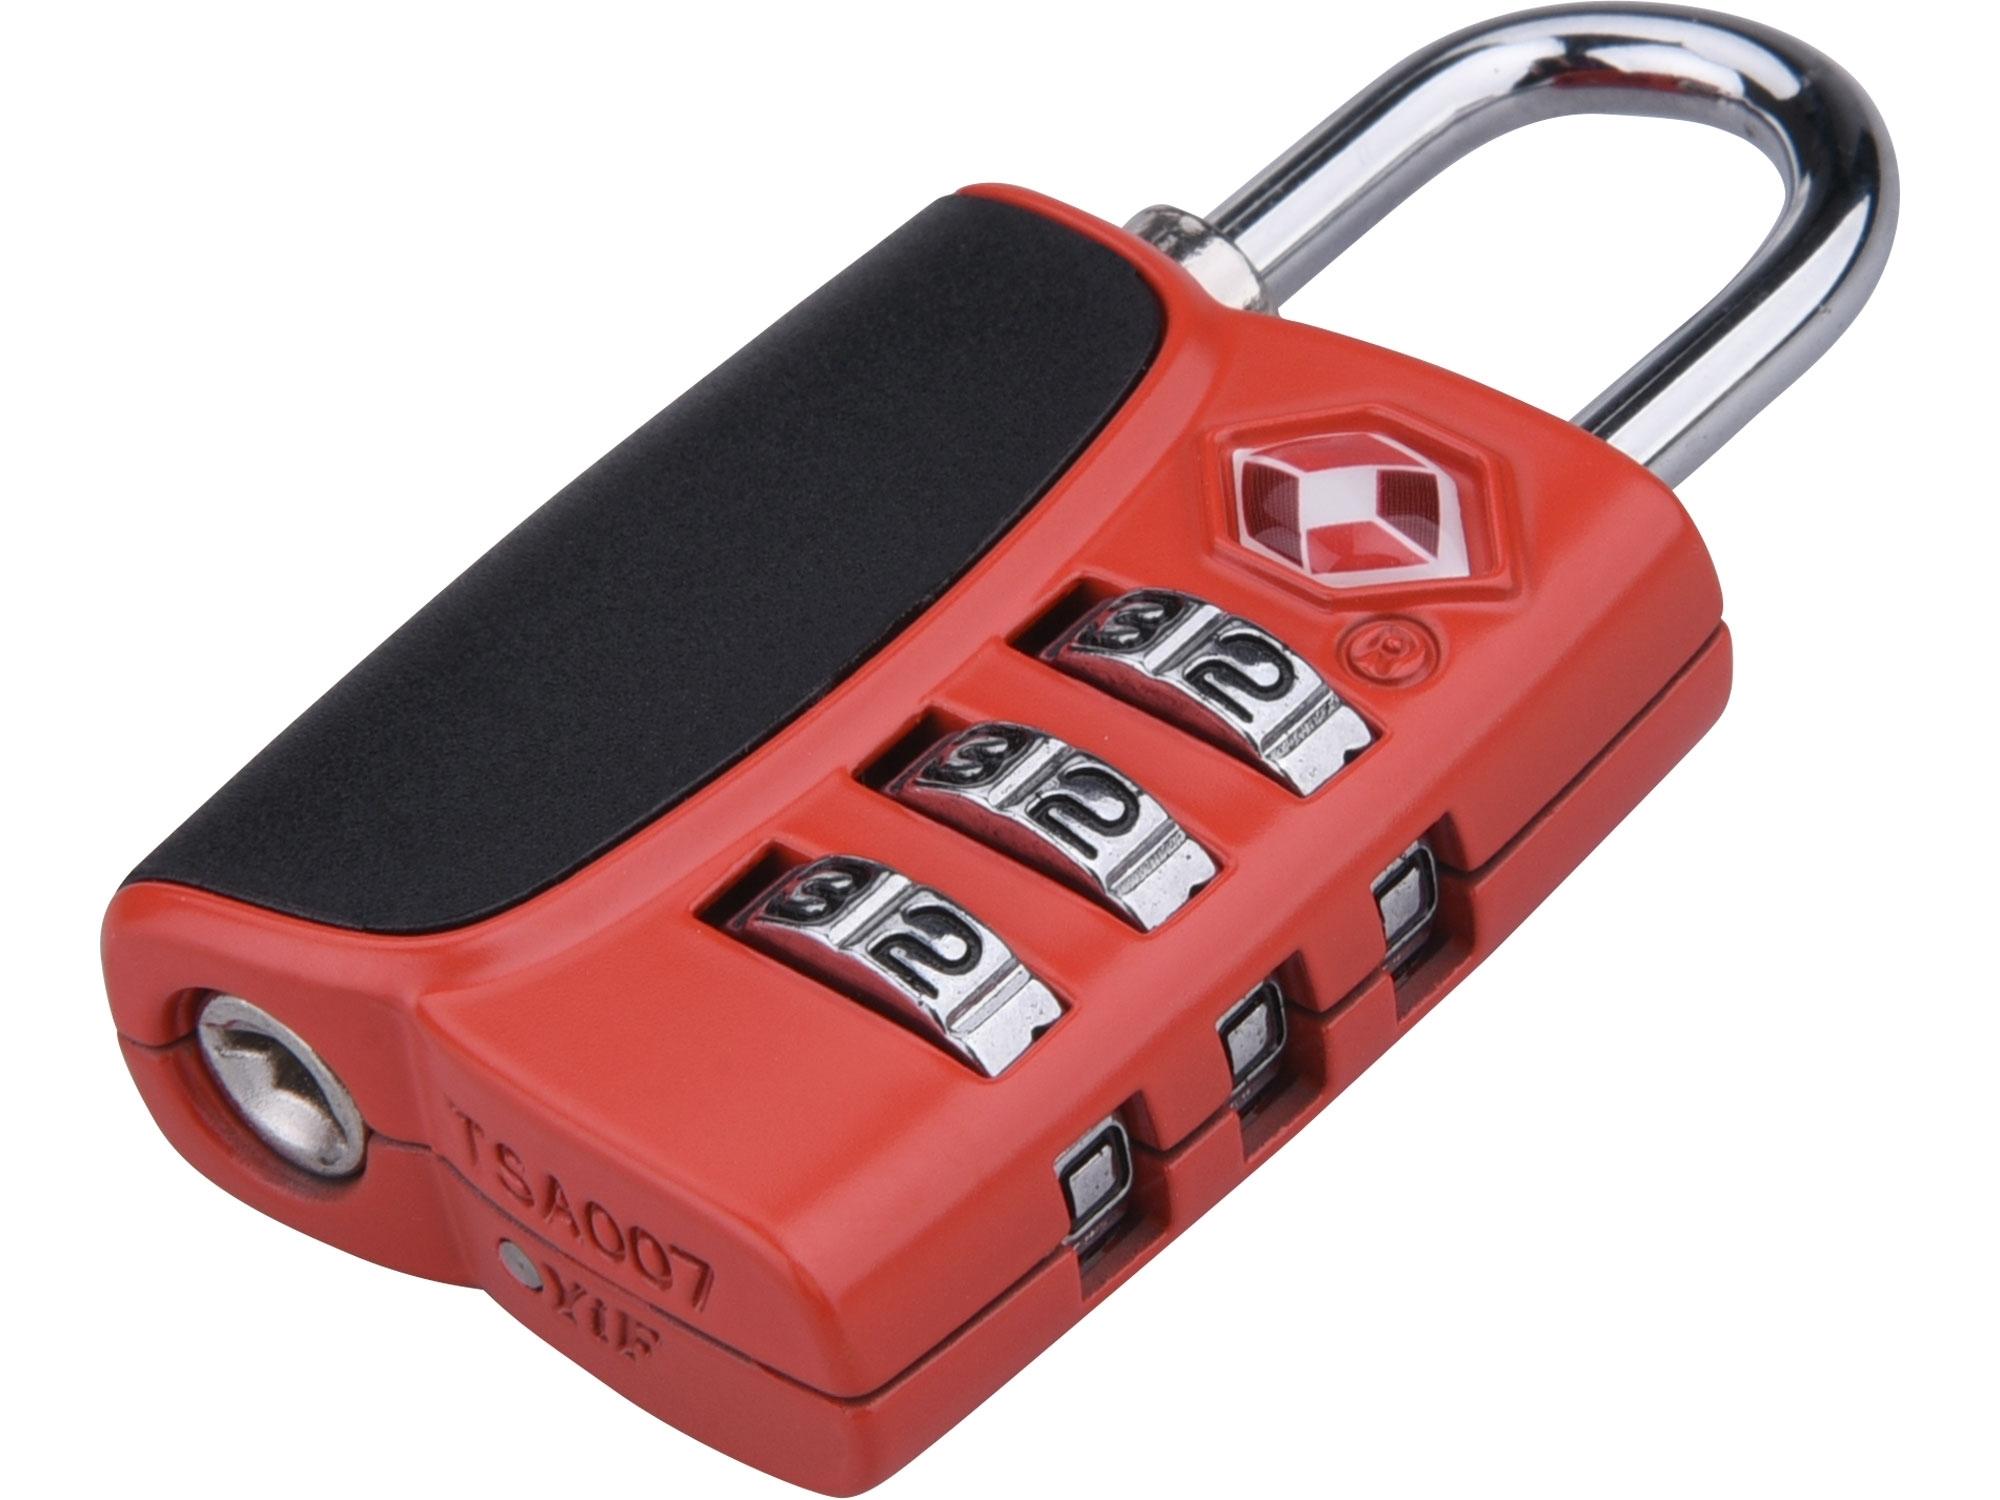 zámek kombinační TSA s trojmístným kódem, 61x32x tl.14mm